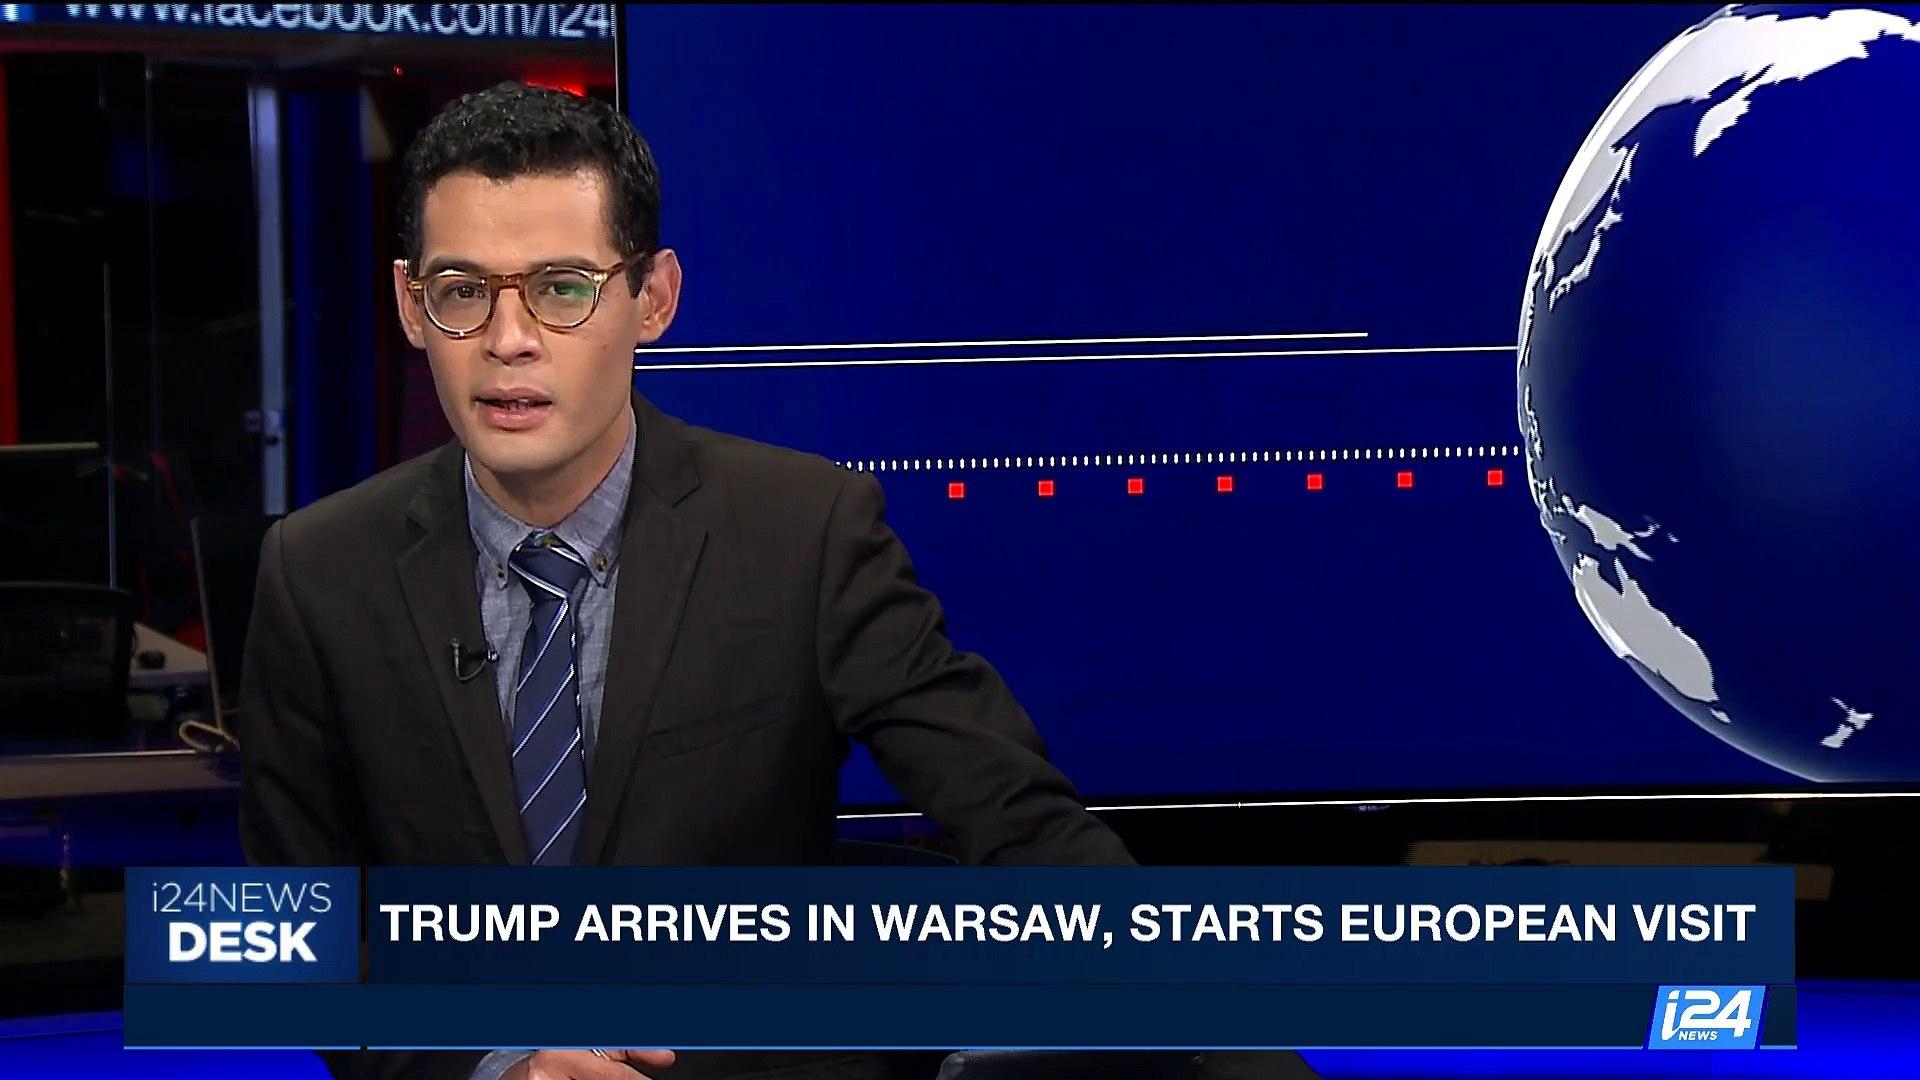 i24NEWS DESK | Trump arrives in Warsaw, starts european visit | Thursday, July 6th 2017